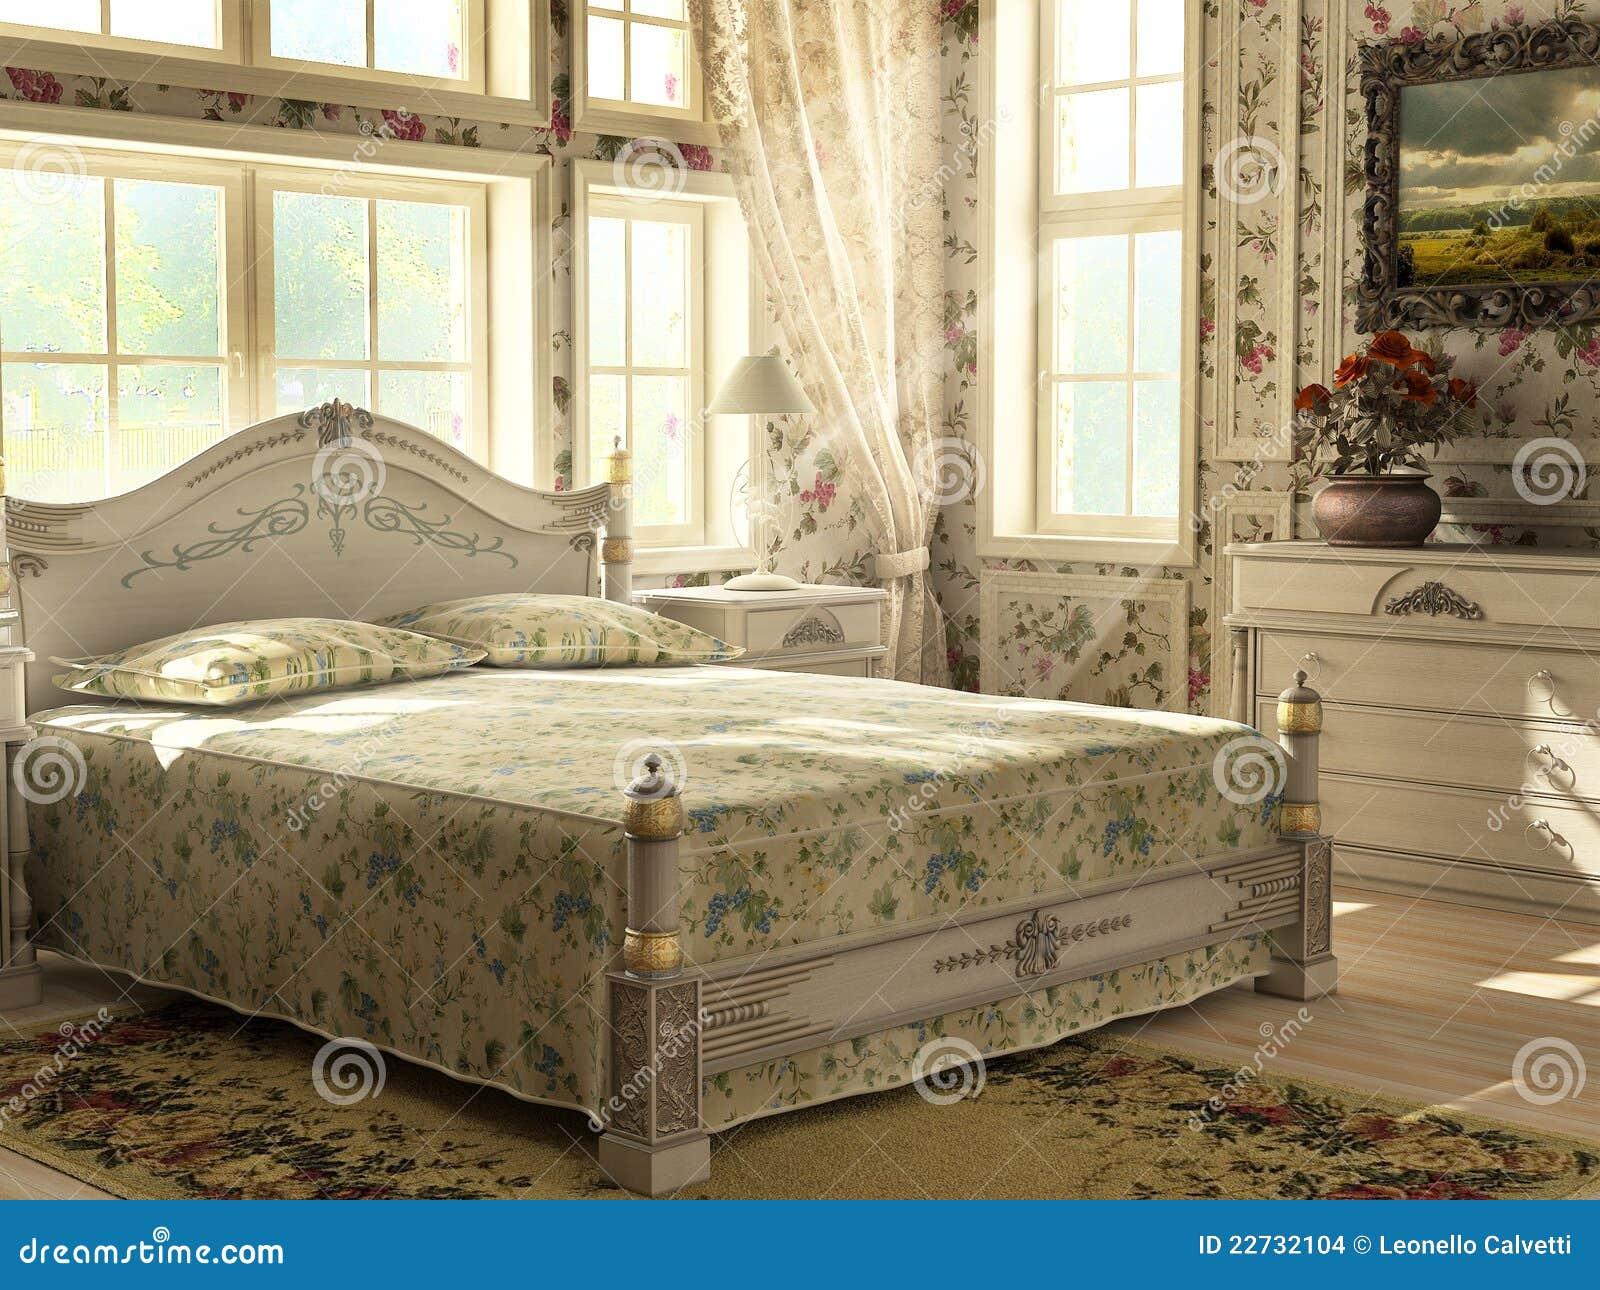 Camera da letto di lusso antica illustrazione di stock - Camera da letto antica ...